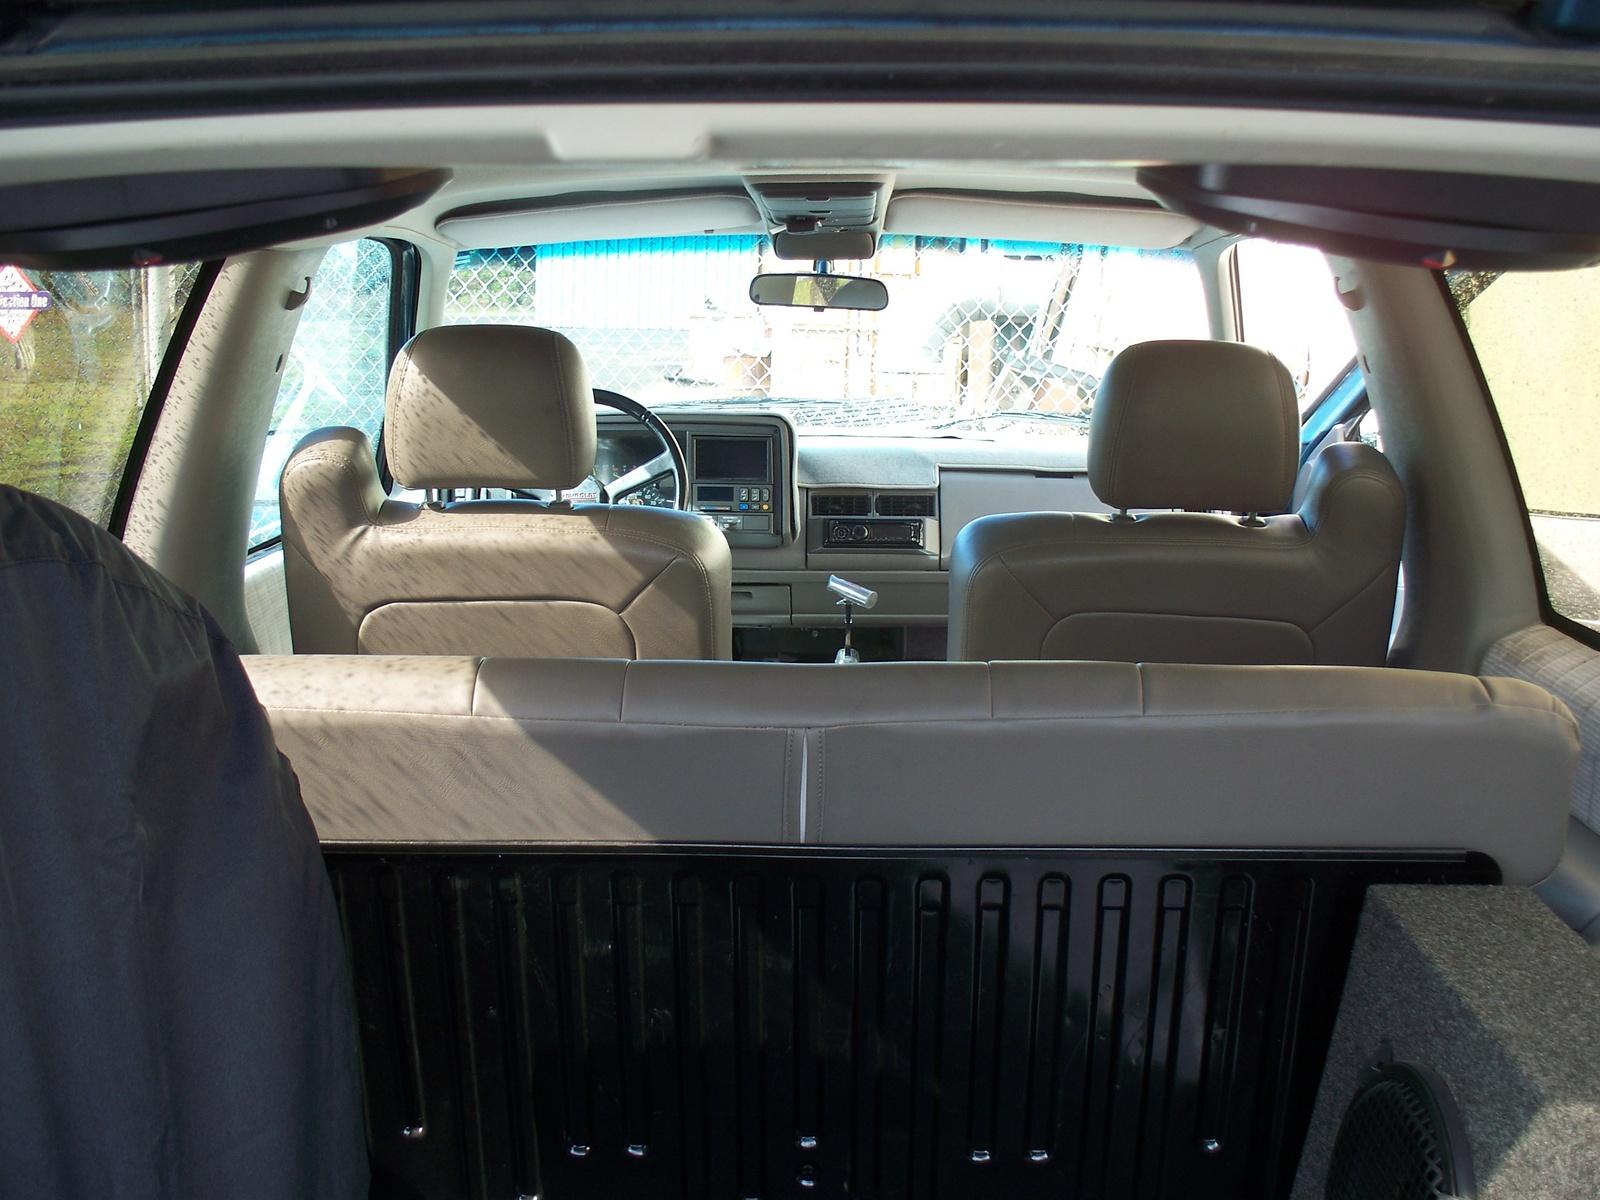 1993 Chevrolet Blazer Interior Pictures Cargurus